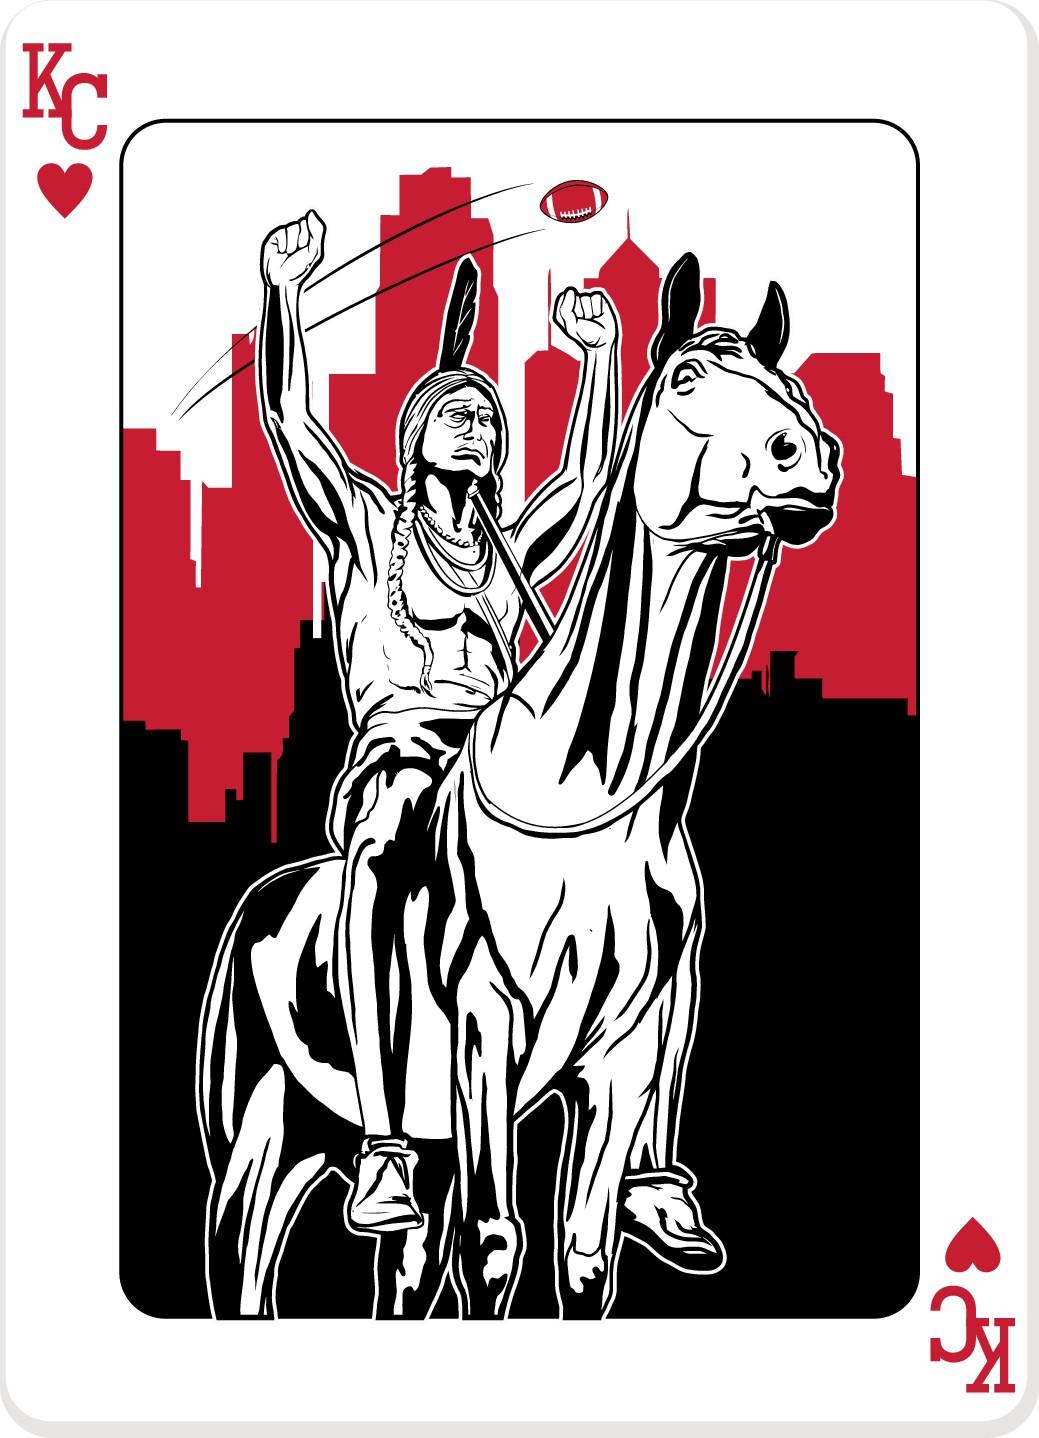 KC Queen of hearts